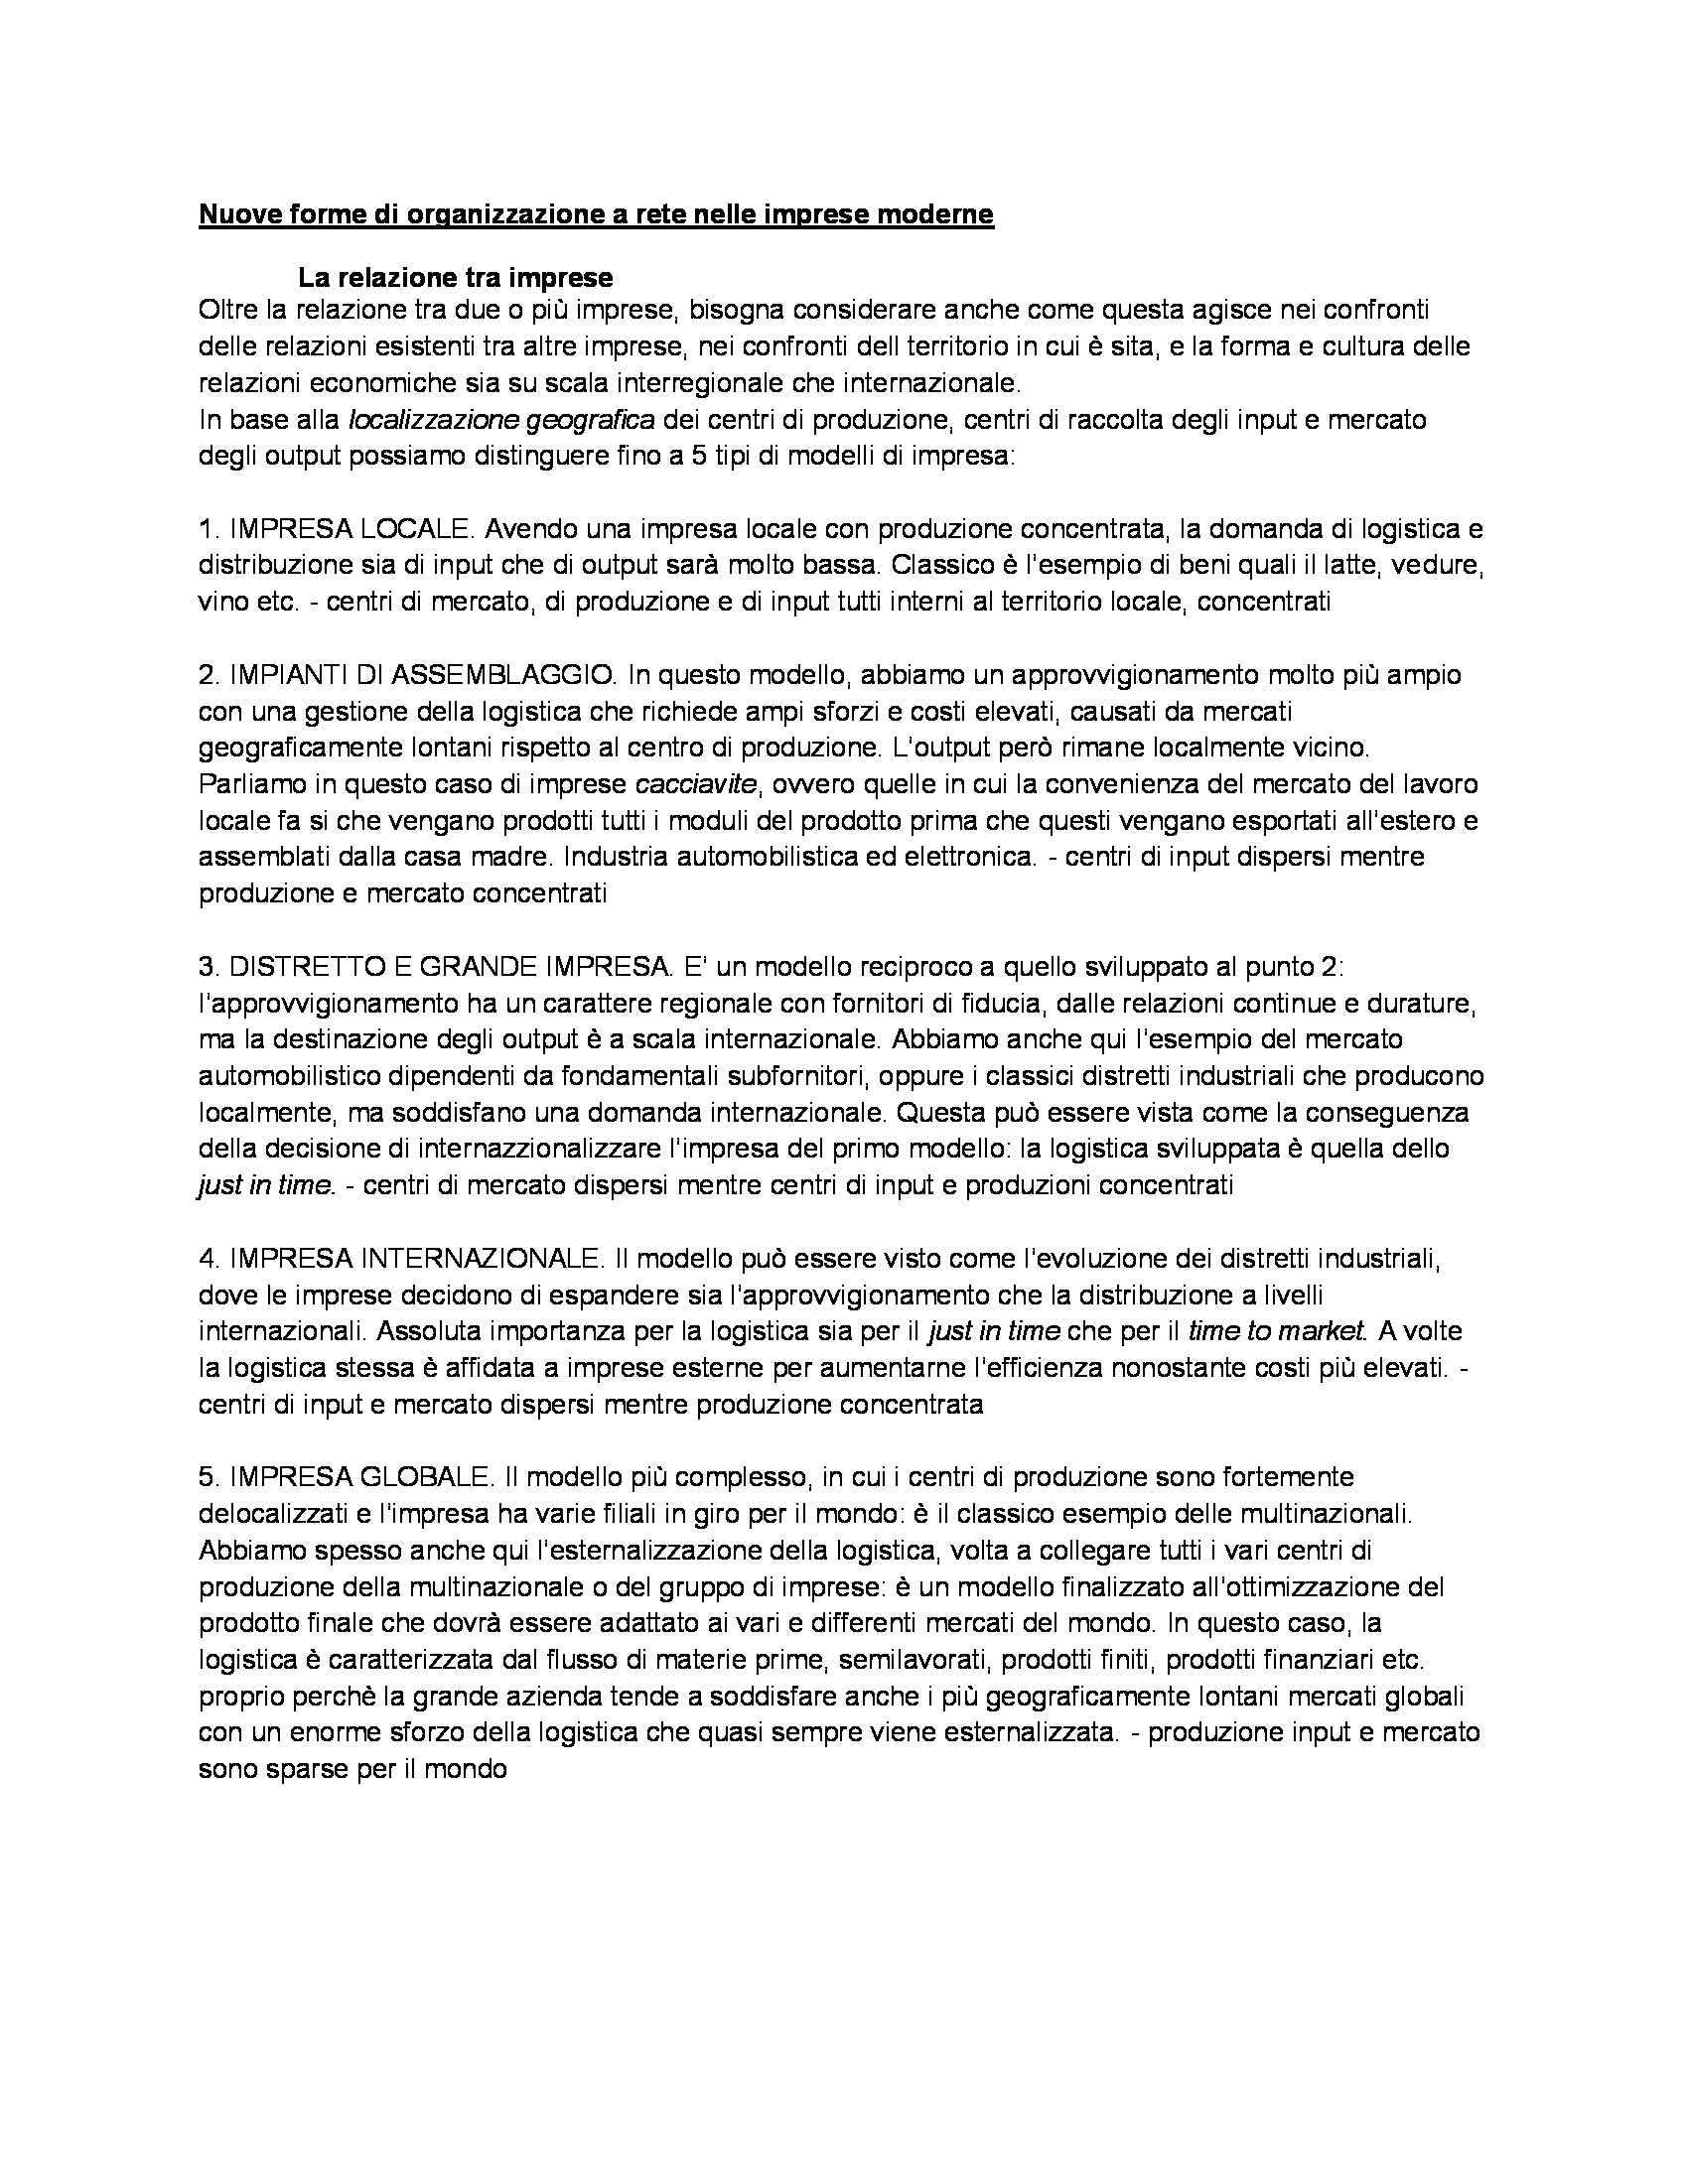 Economia dell'innovazione - Appunti Pag. 11